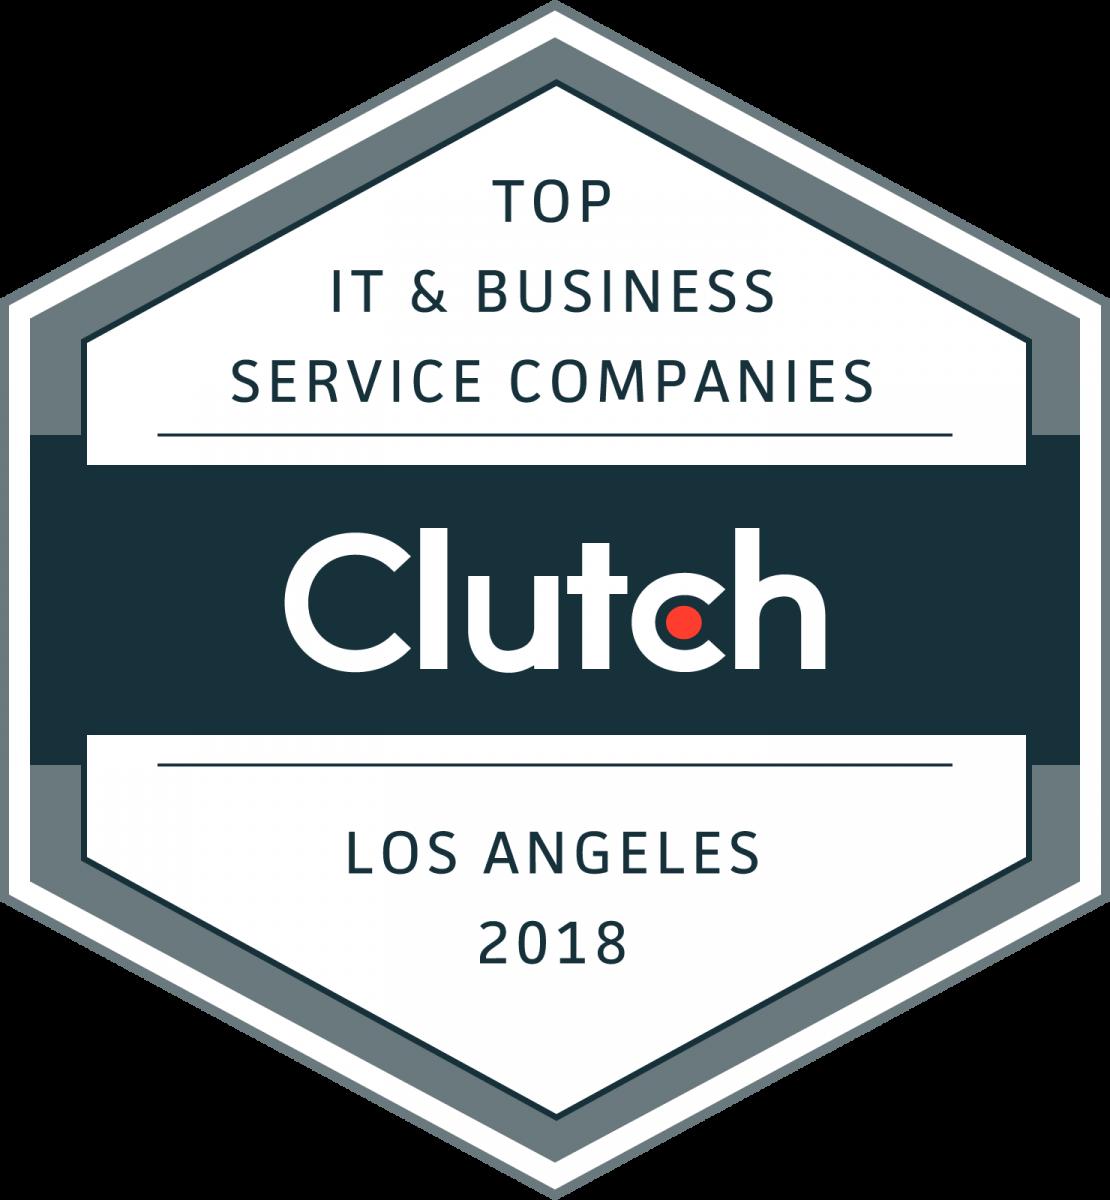 Best Digital Marketing Agency In Los Angeles 2018